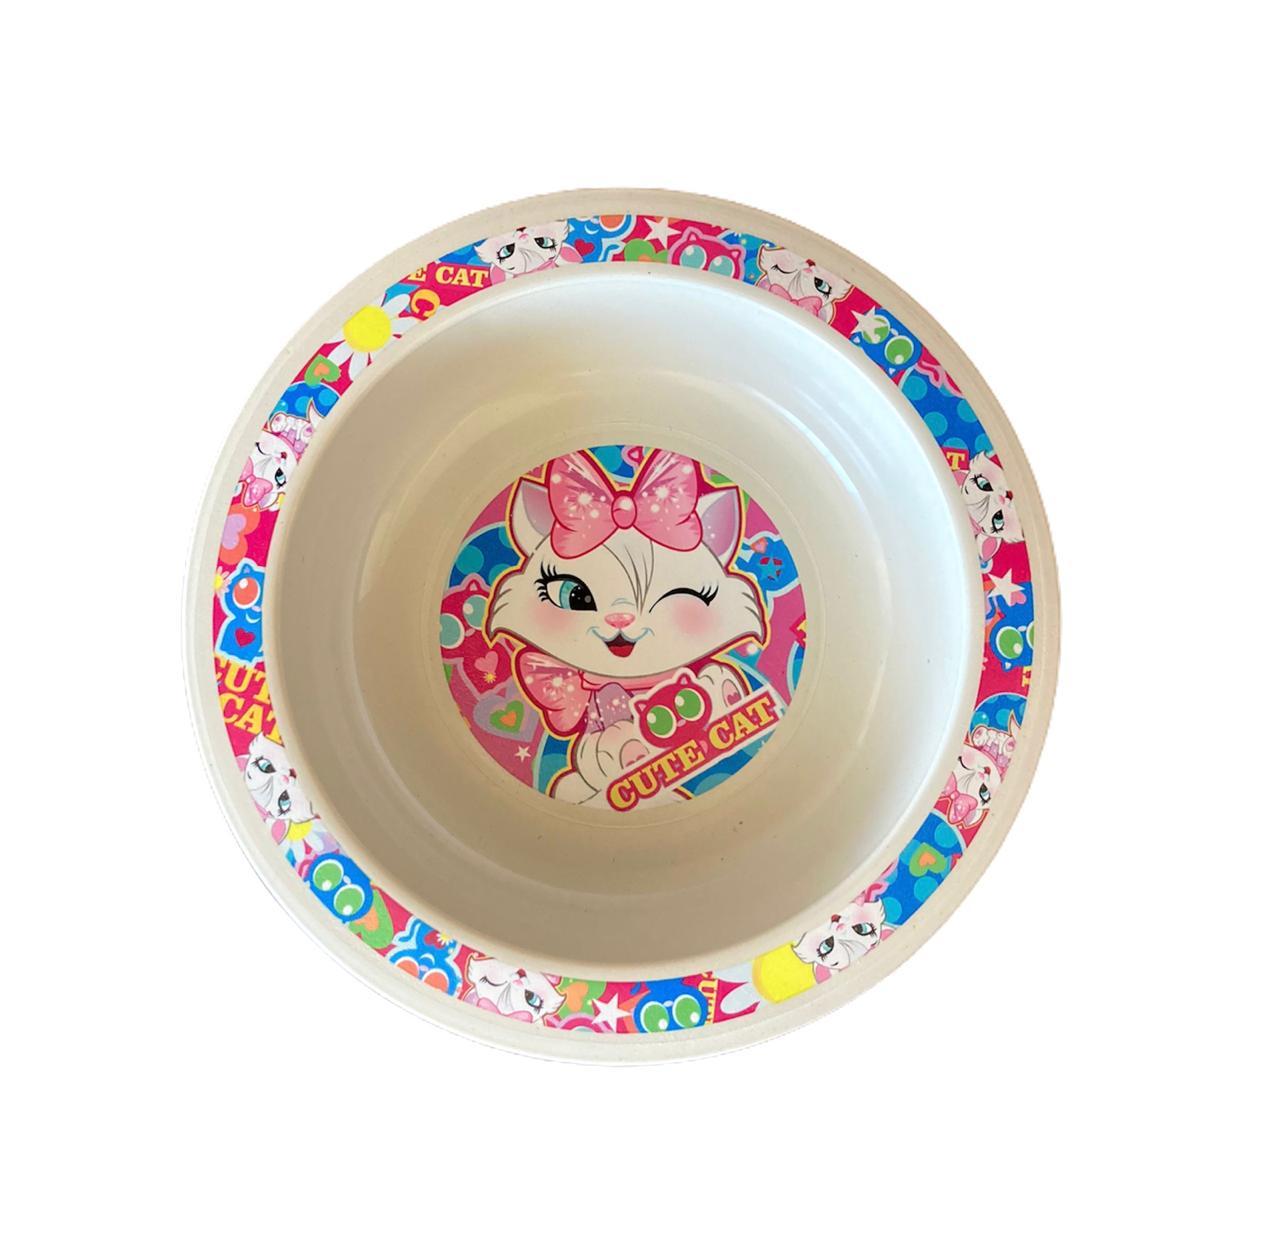 Tigela Cute Cat